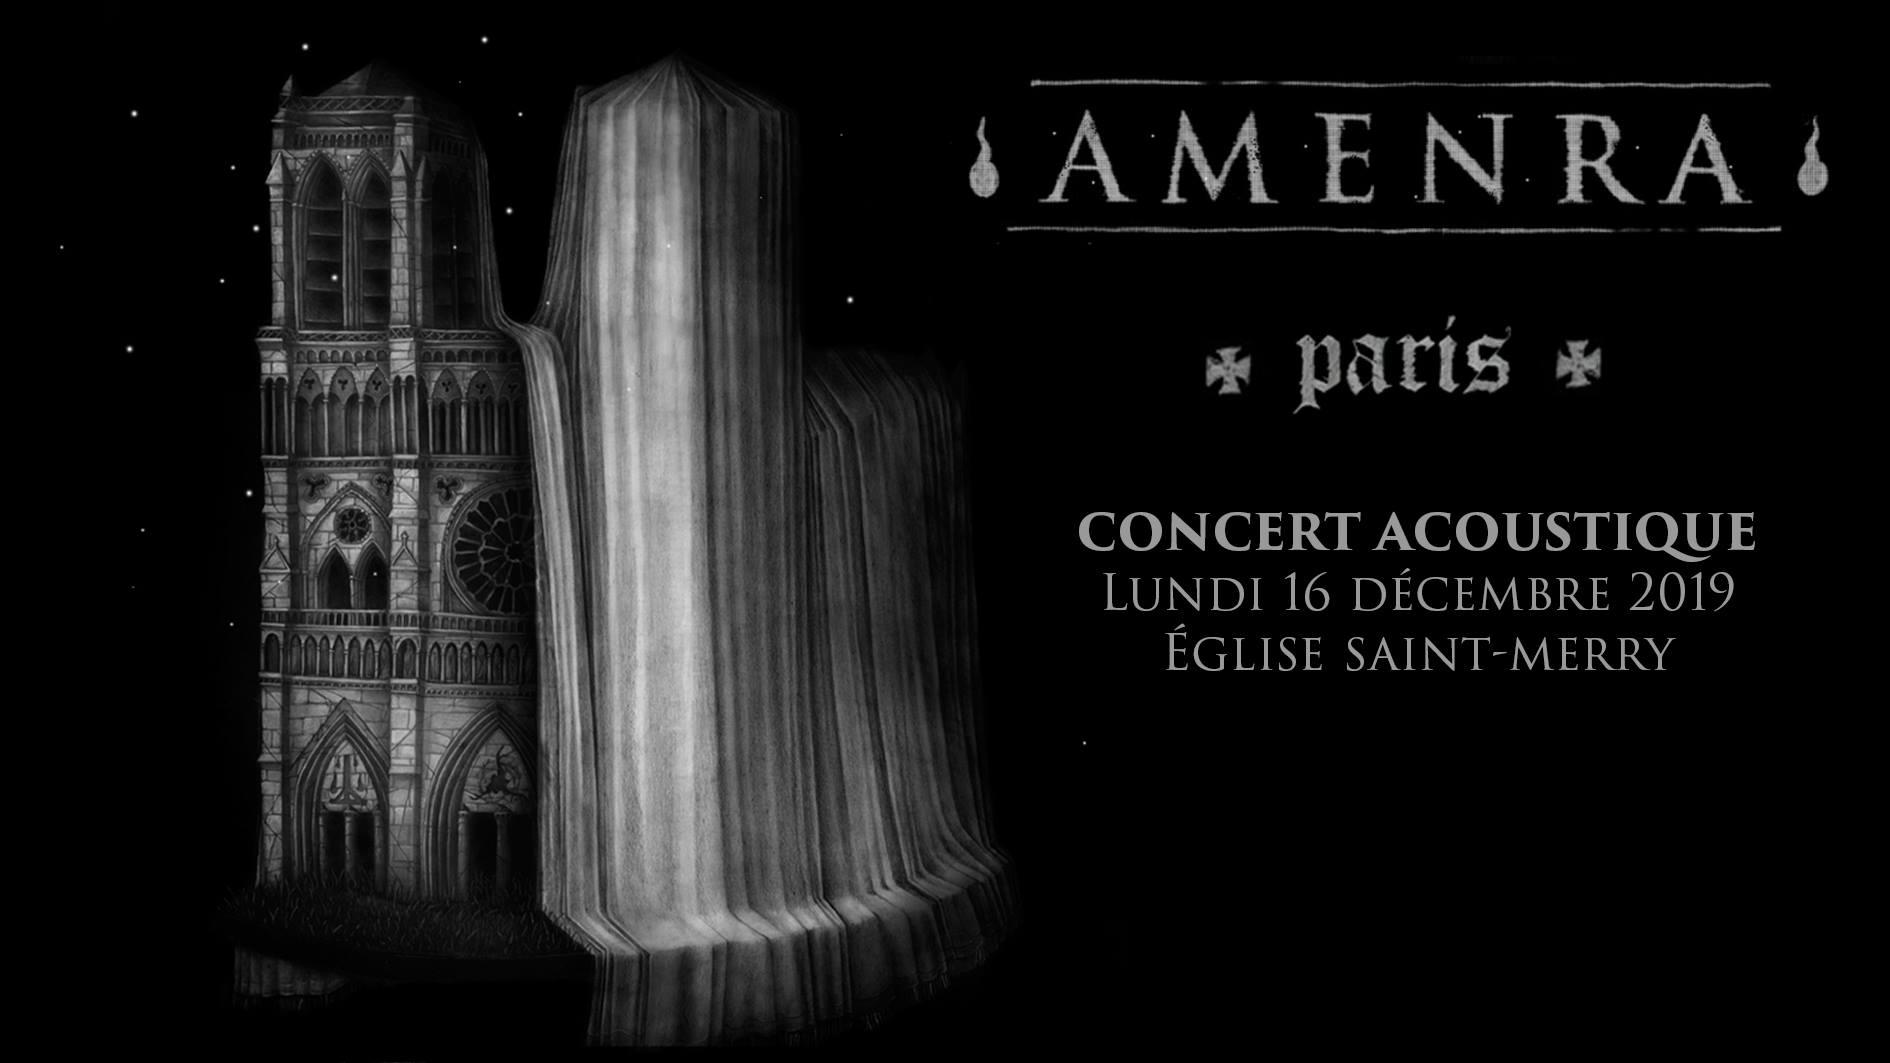 Concert d'Amenra en acoustique à l'église Saint-Merry à paris